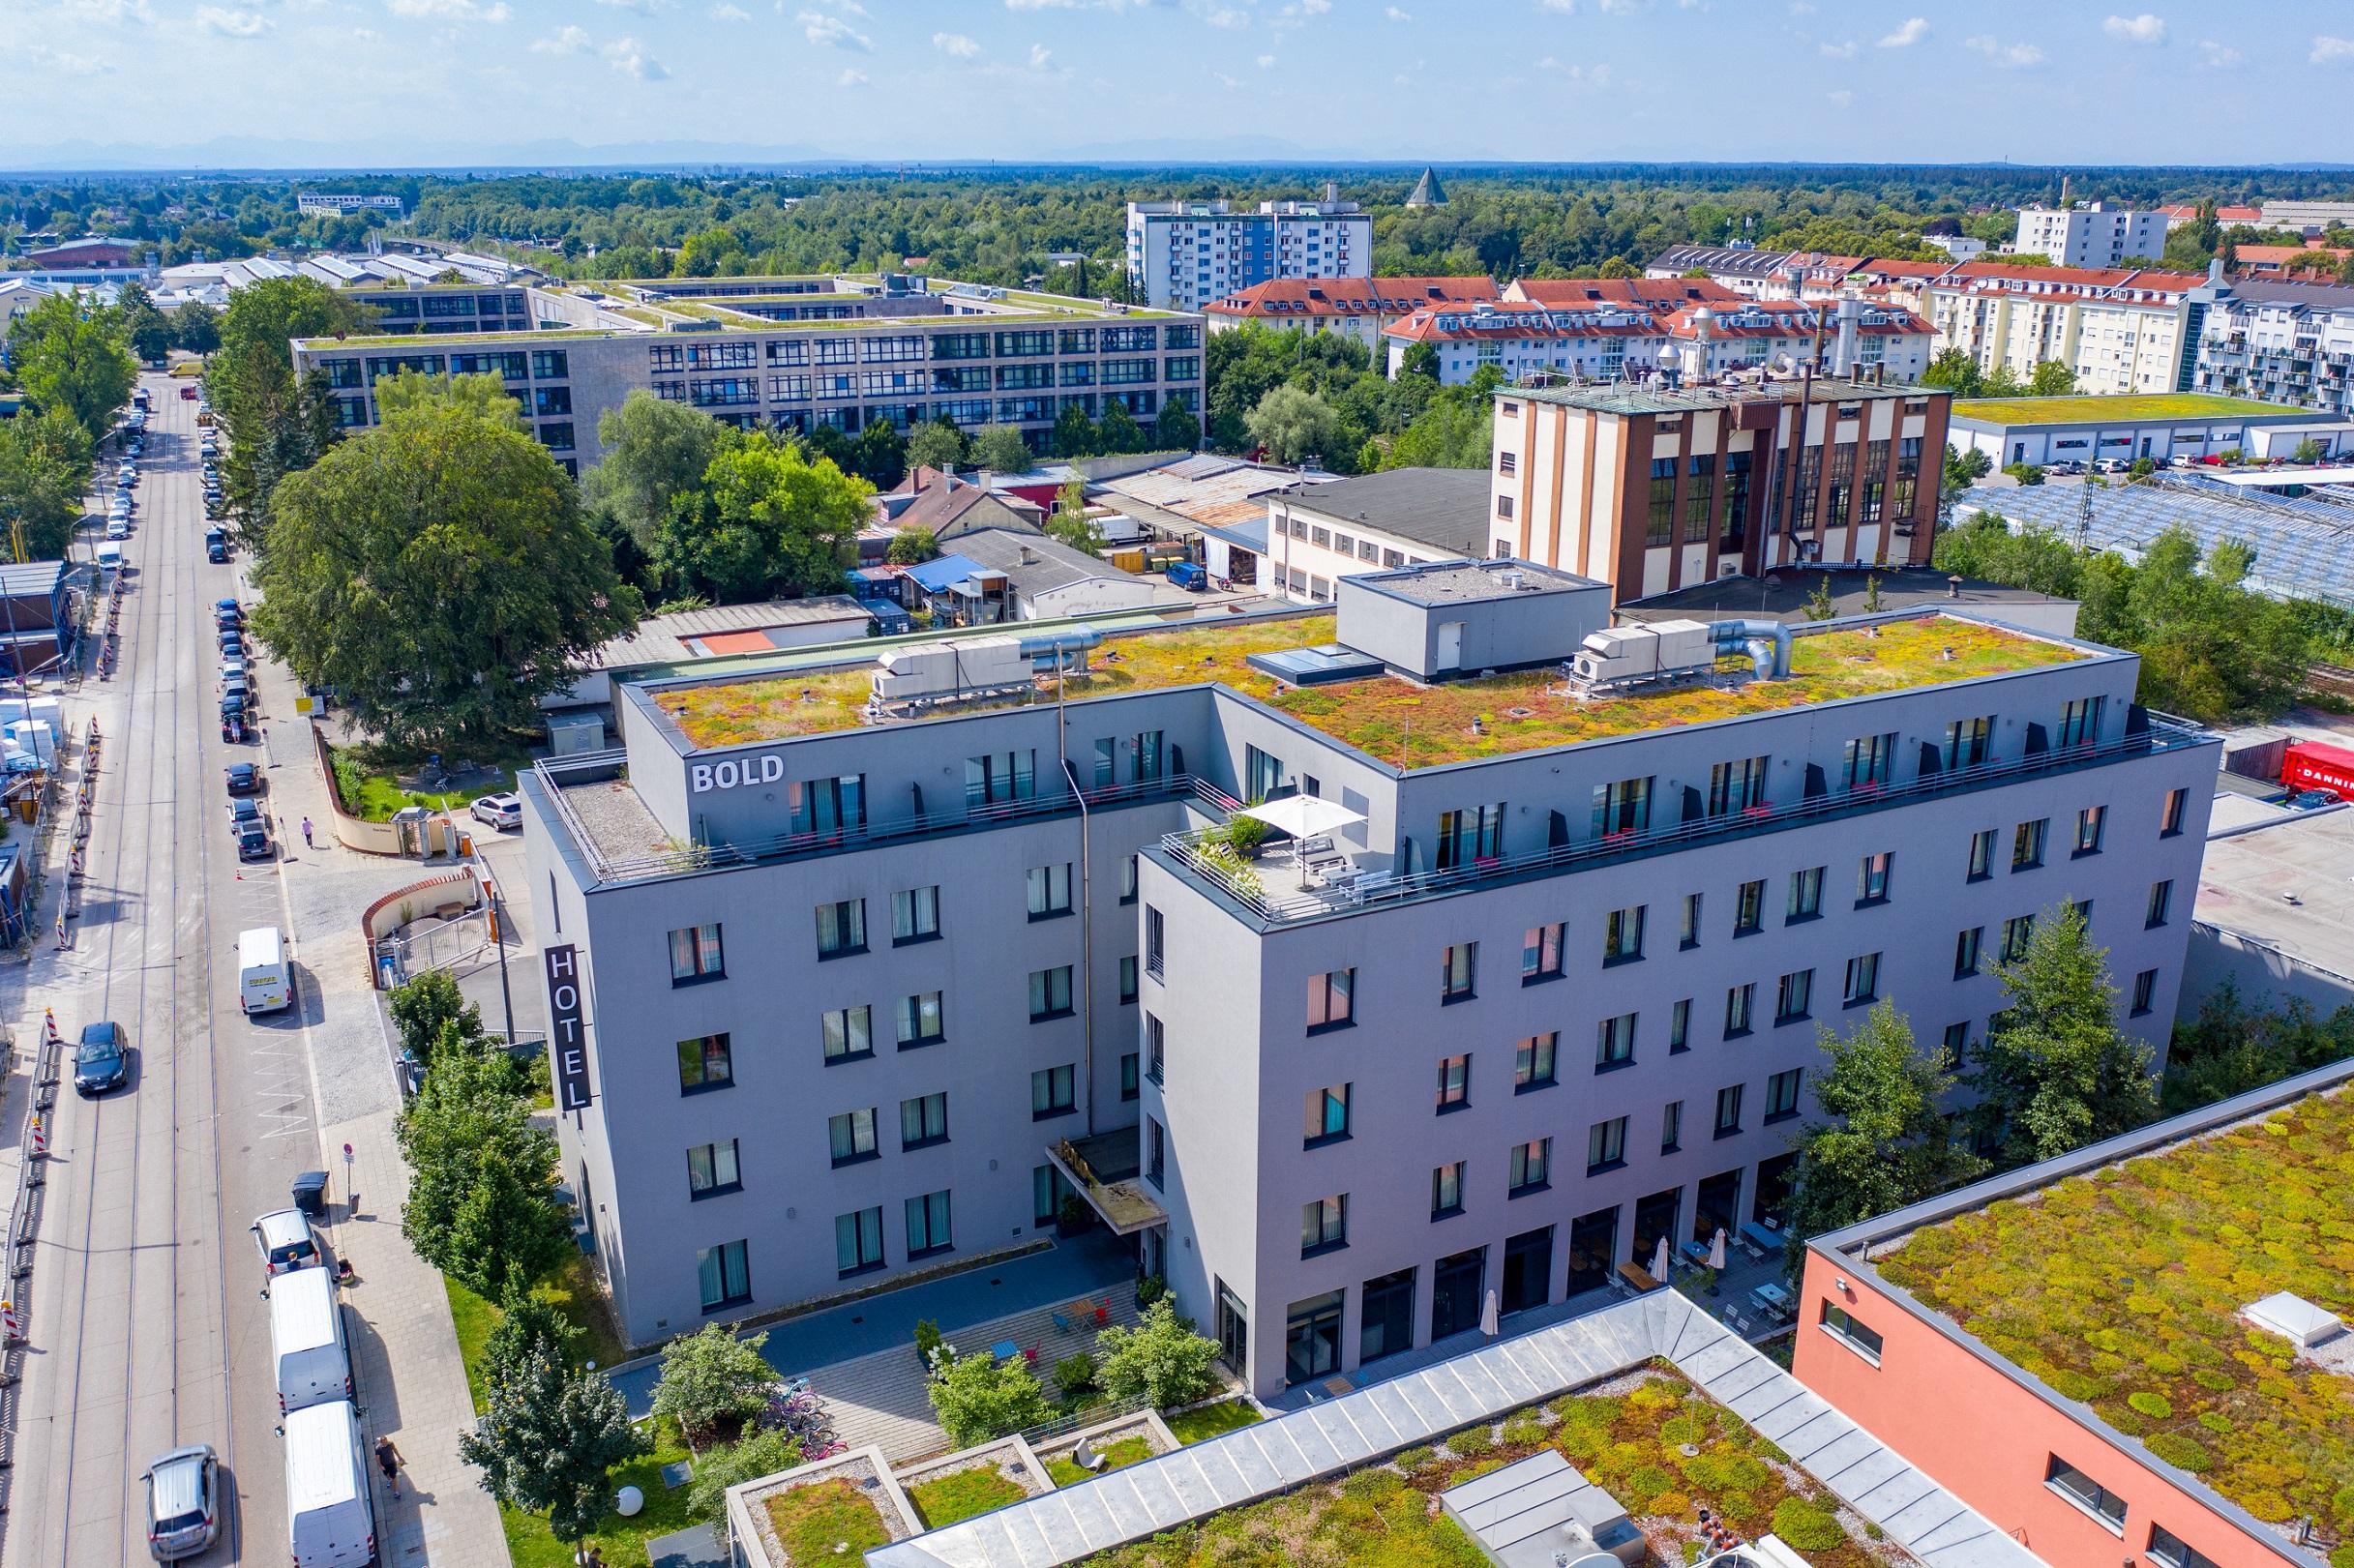 Luftbild vom BOLD Hotel in München Giesing